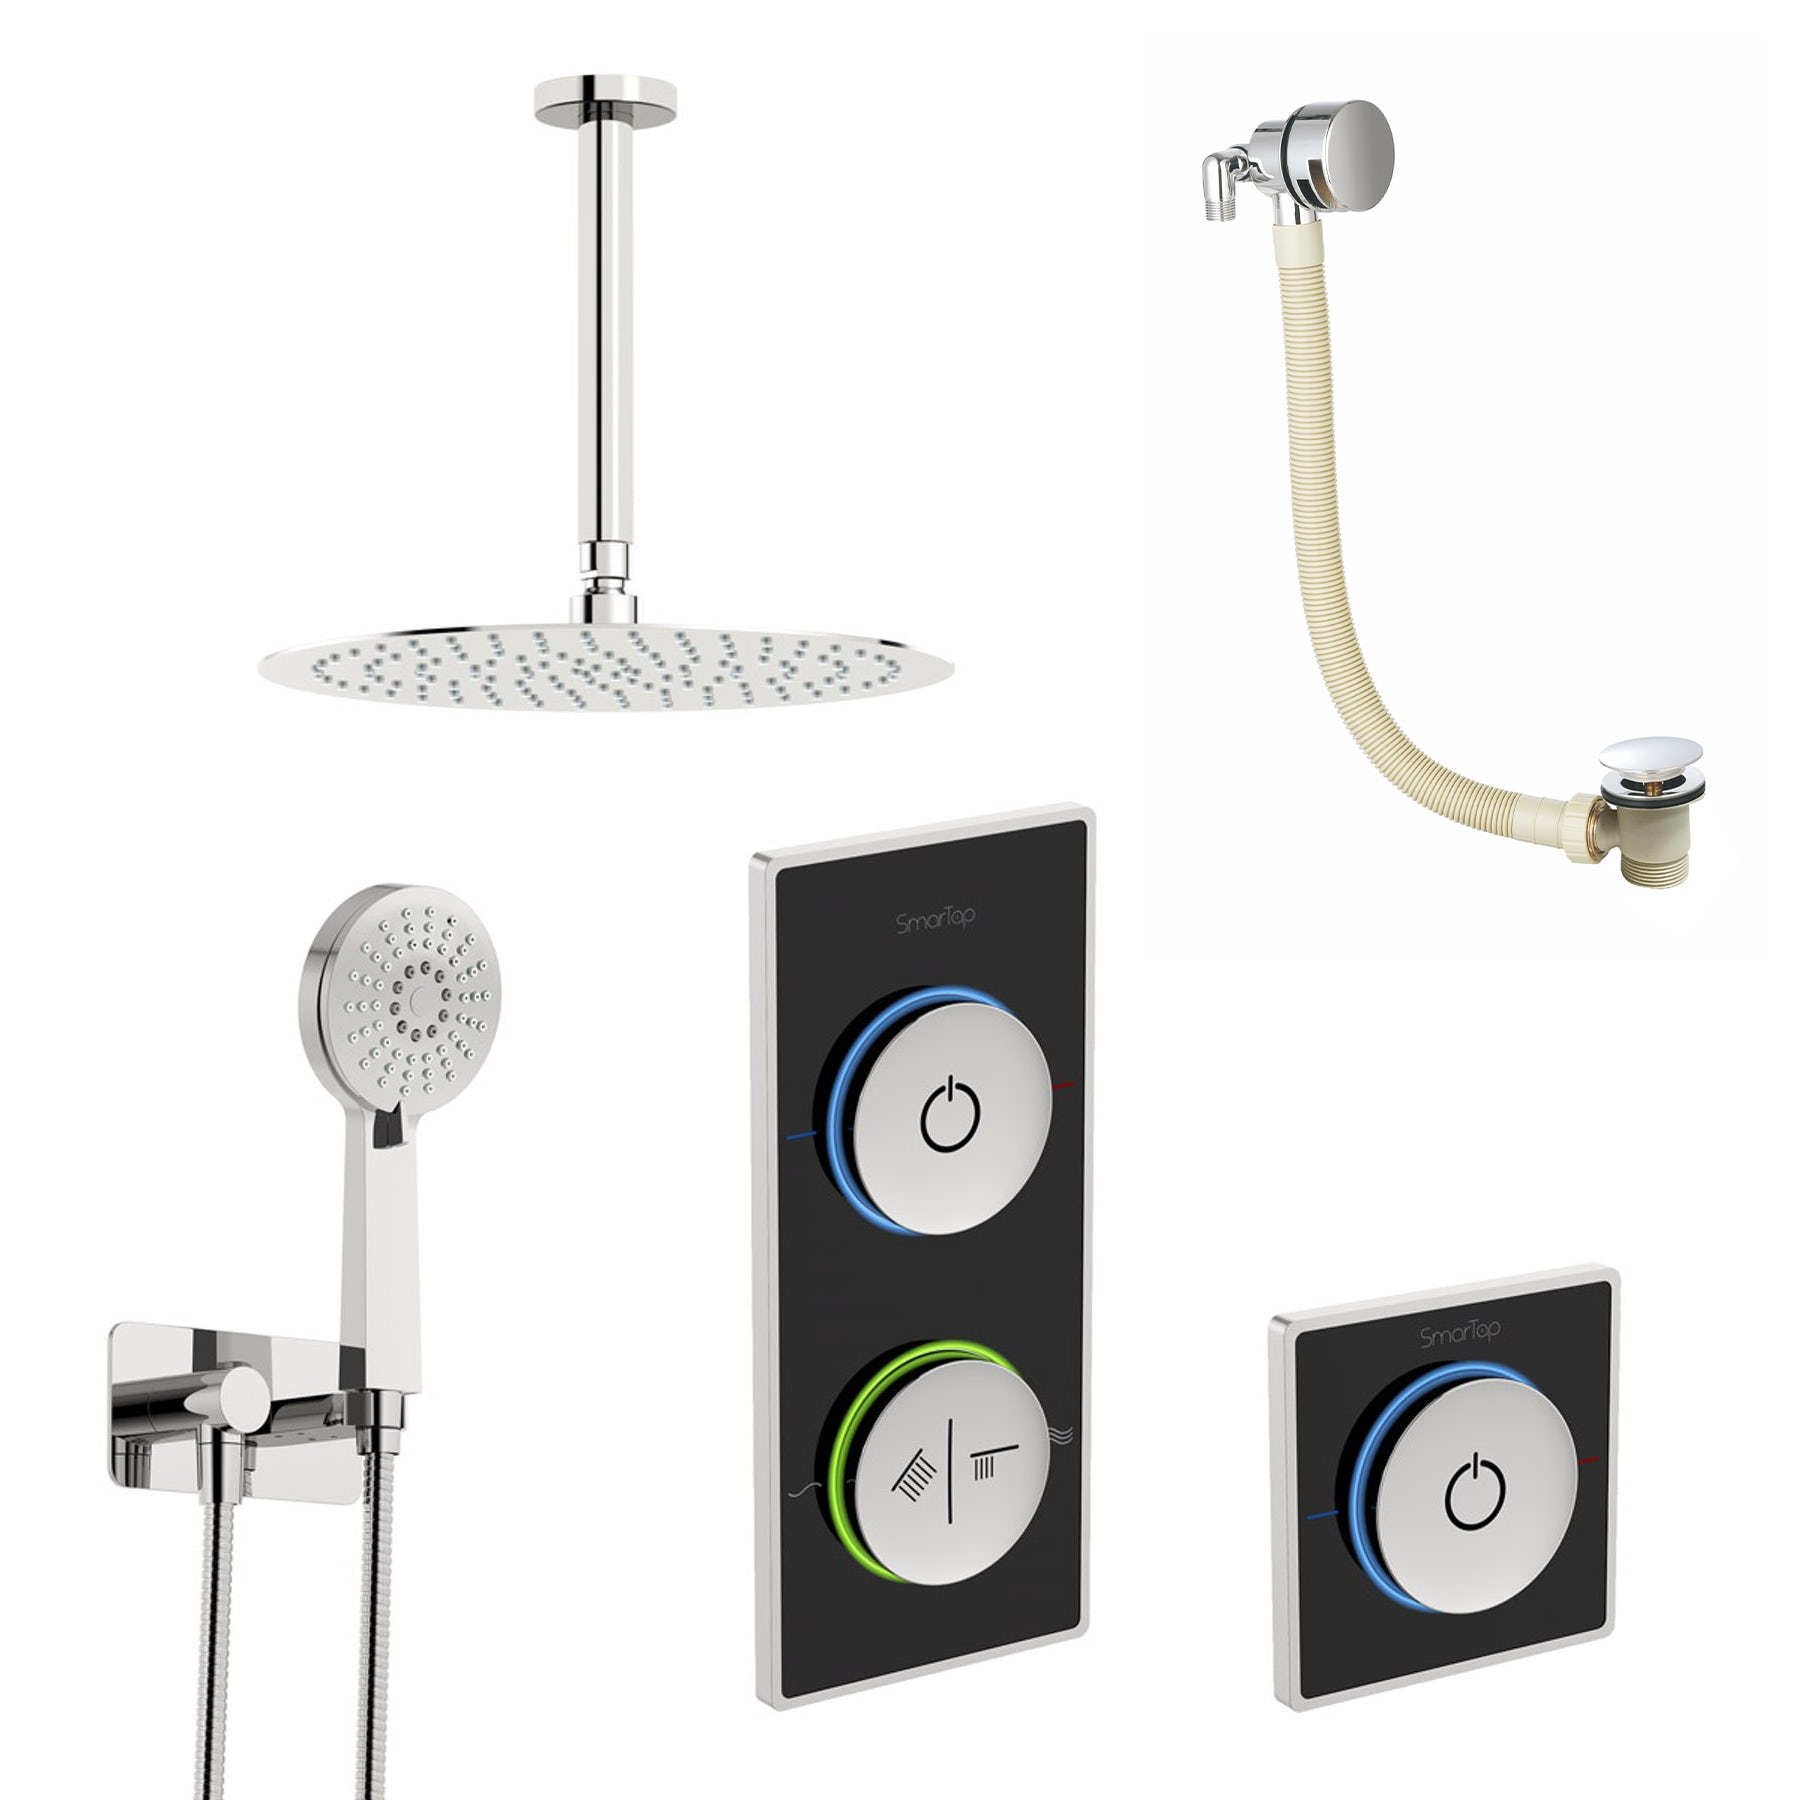 SmarTap black smart shower system with complete round ceiling shower outlet bath set